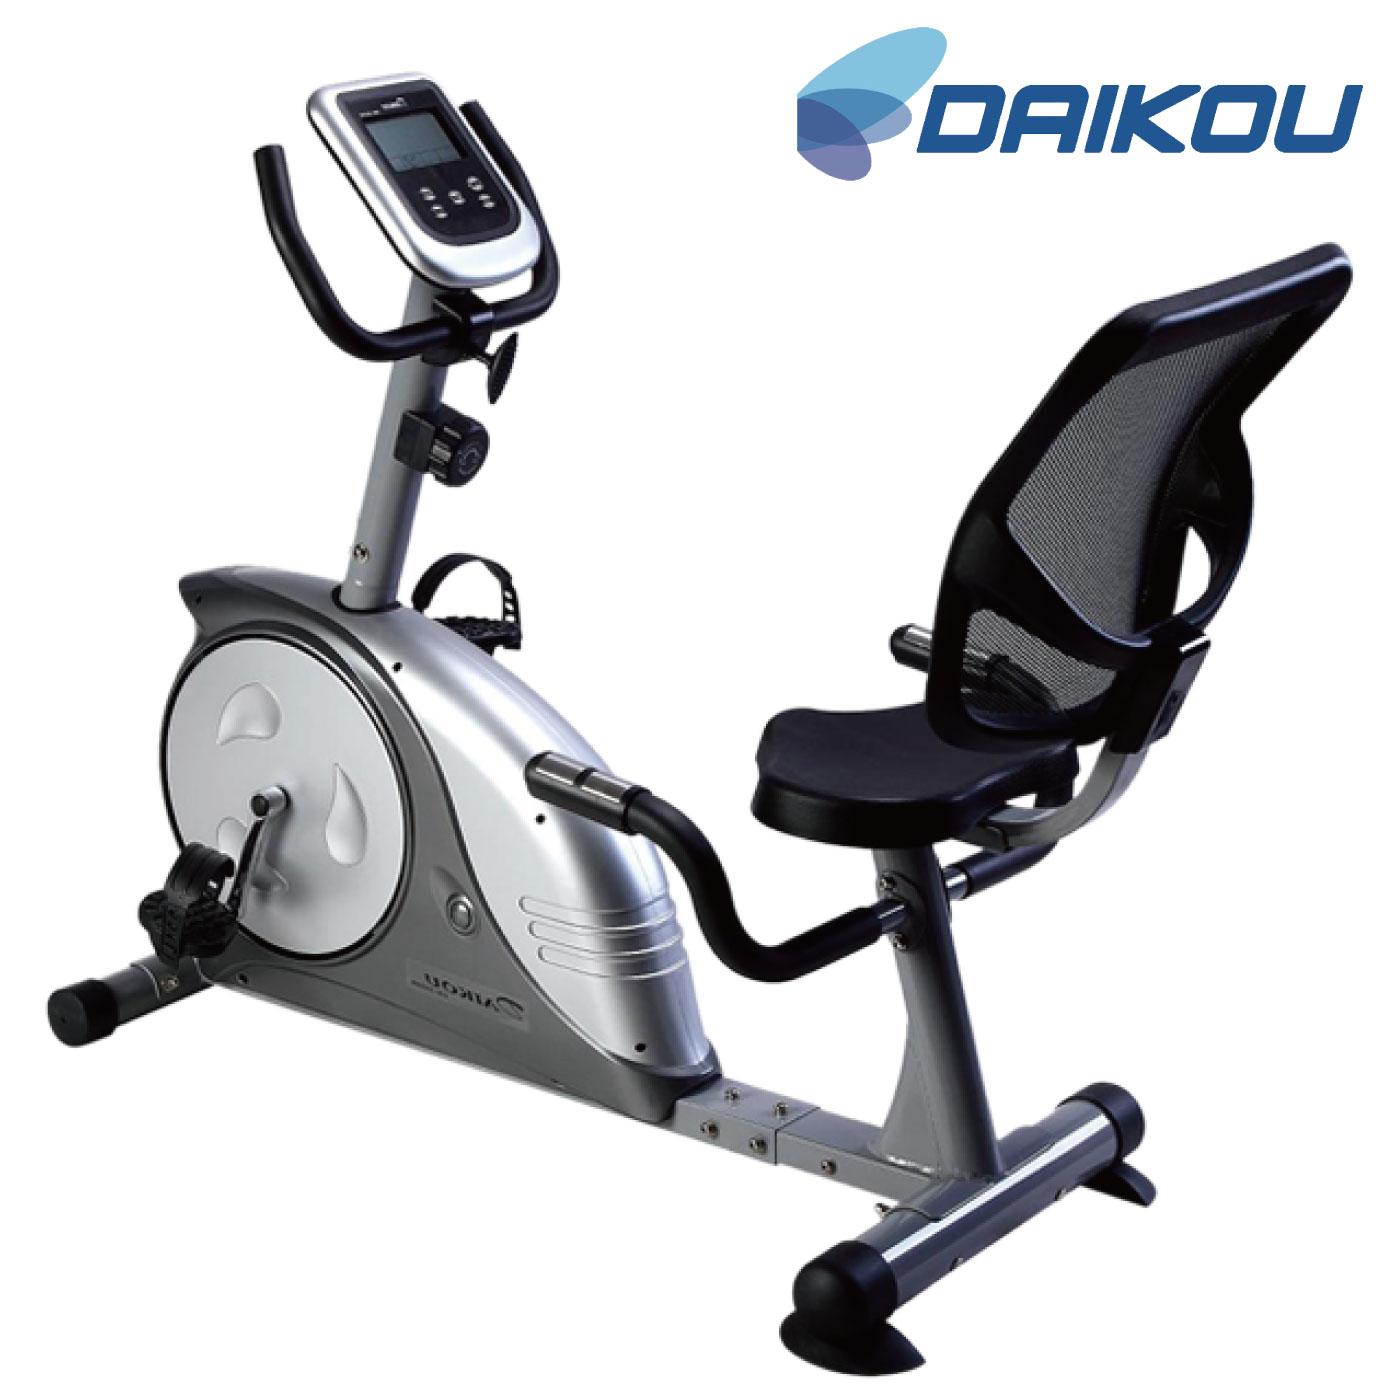 DK-8604R/家庭用リカンベントバイク 《DAIKOU(ダイコー)》